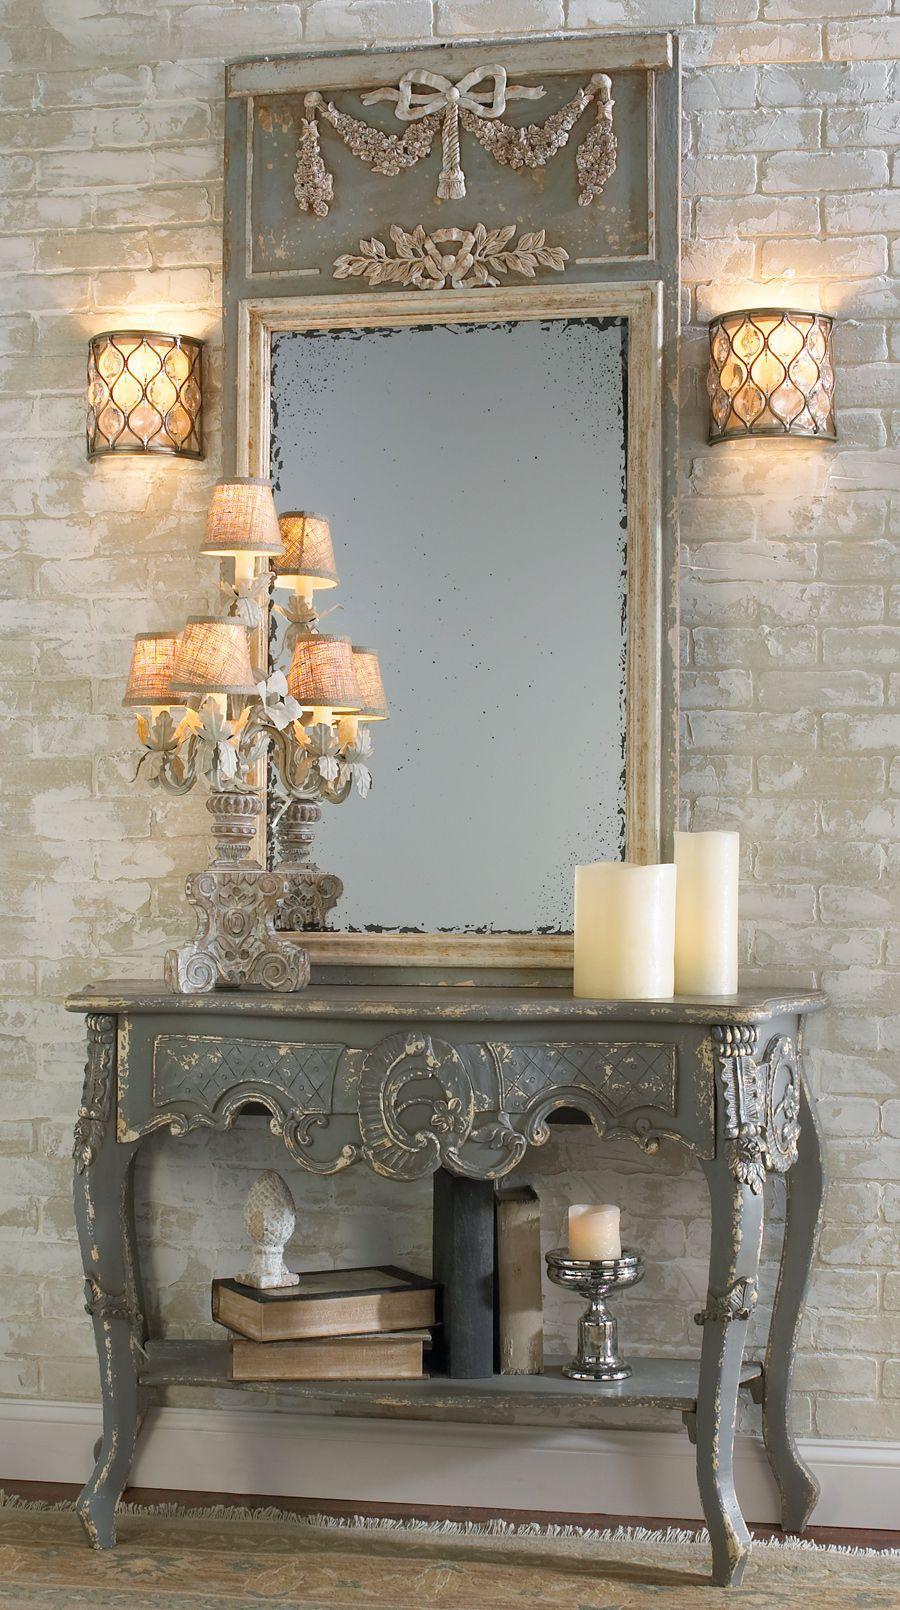 Panneau miroir avec une table d'appoint